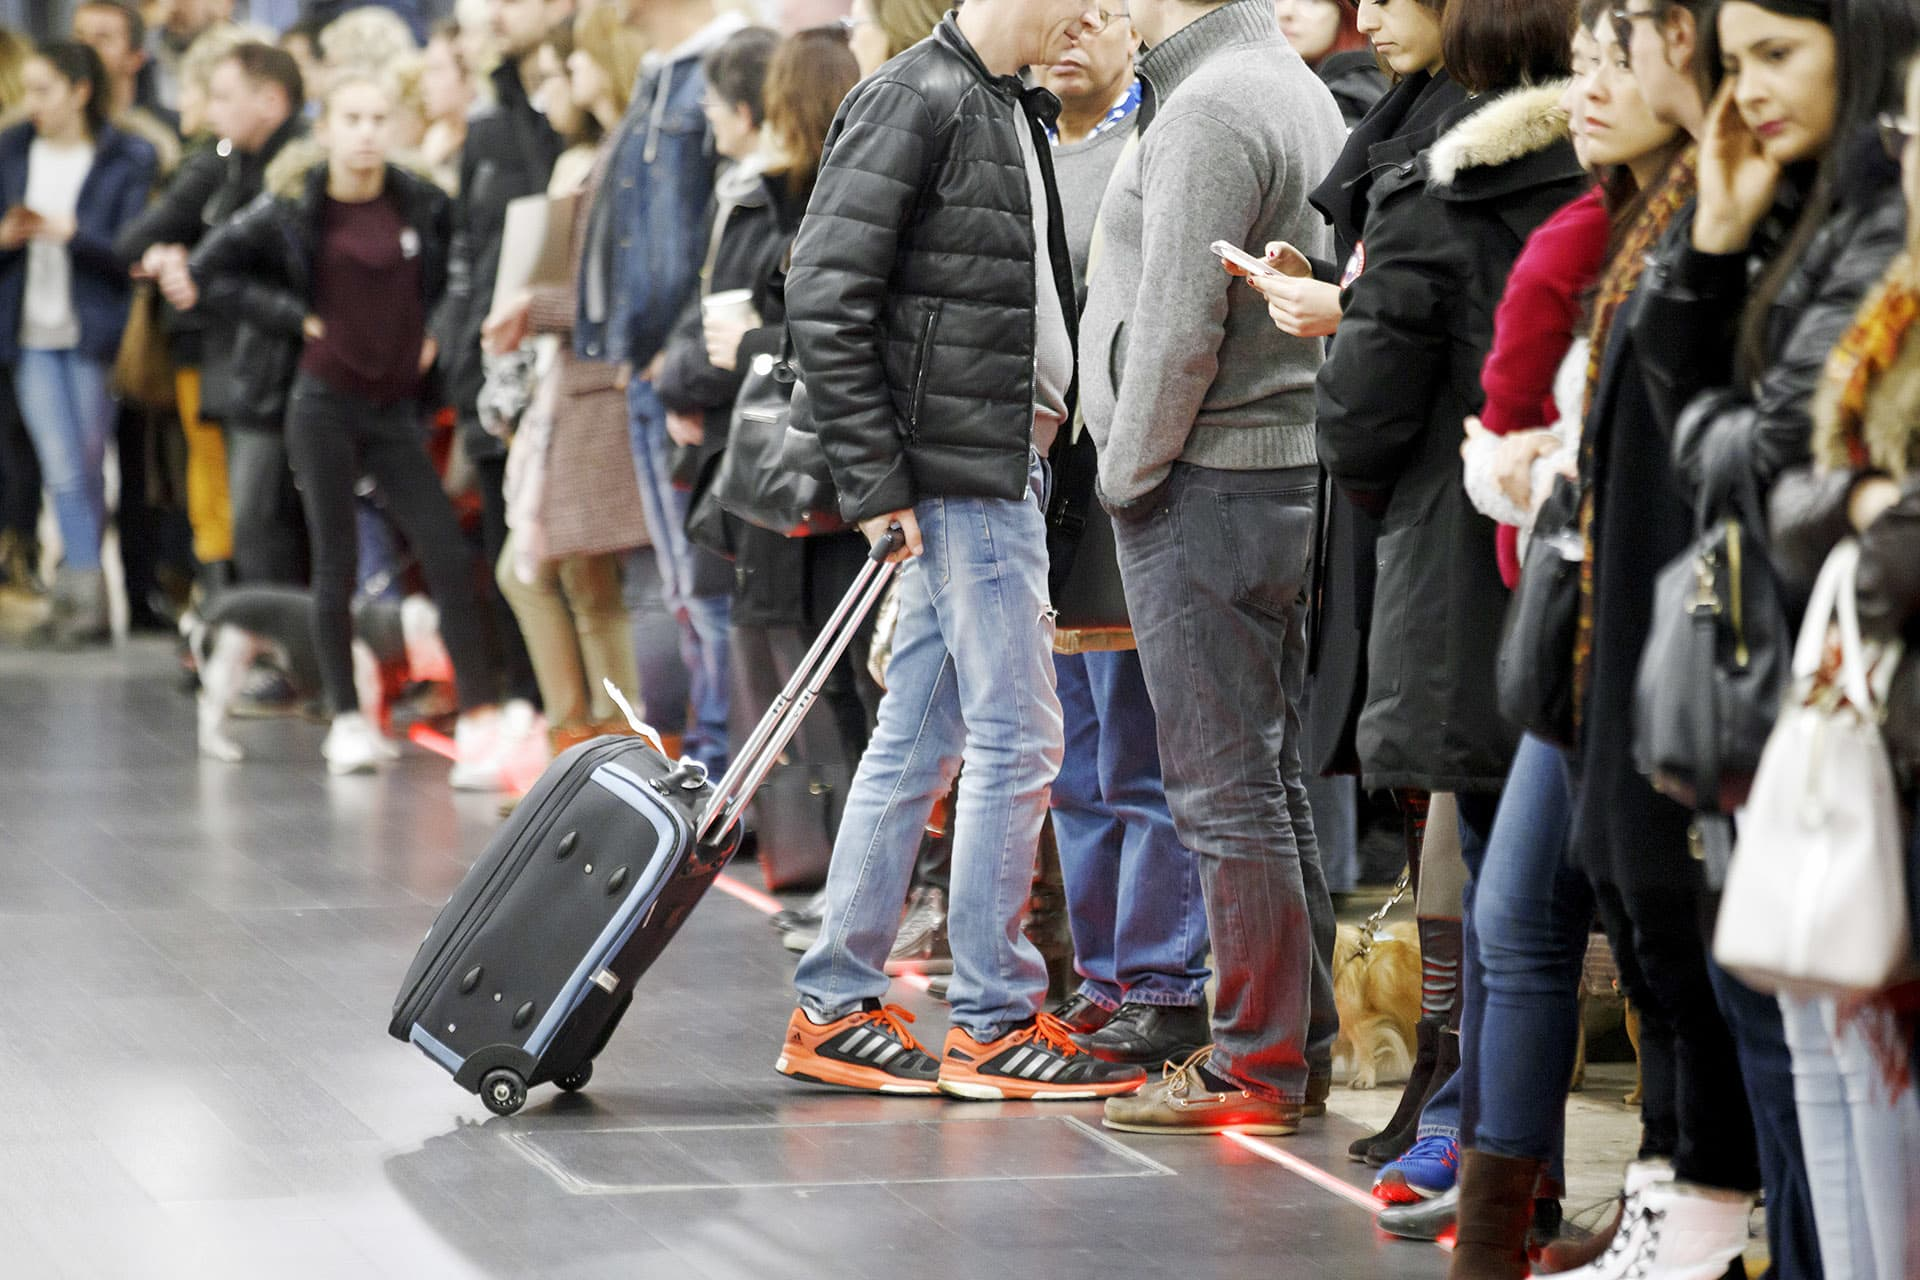 Matkustajat jonottavat lentoasemalla.